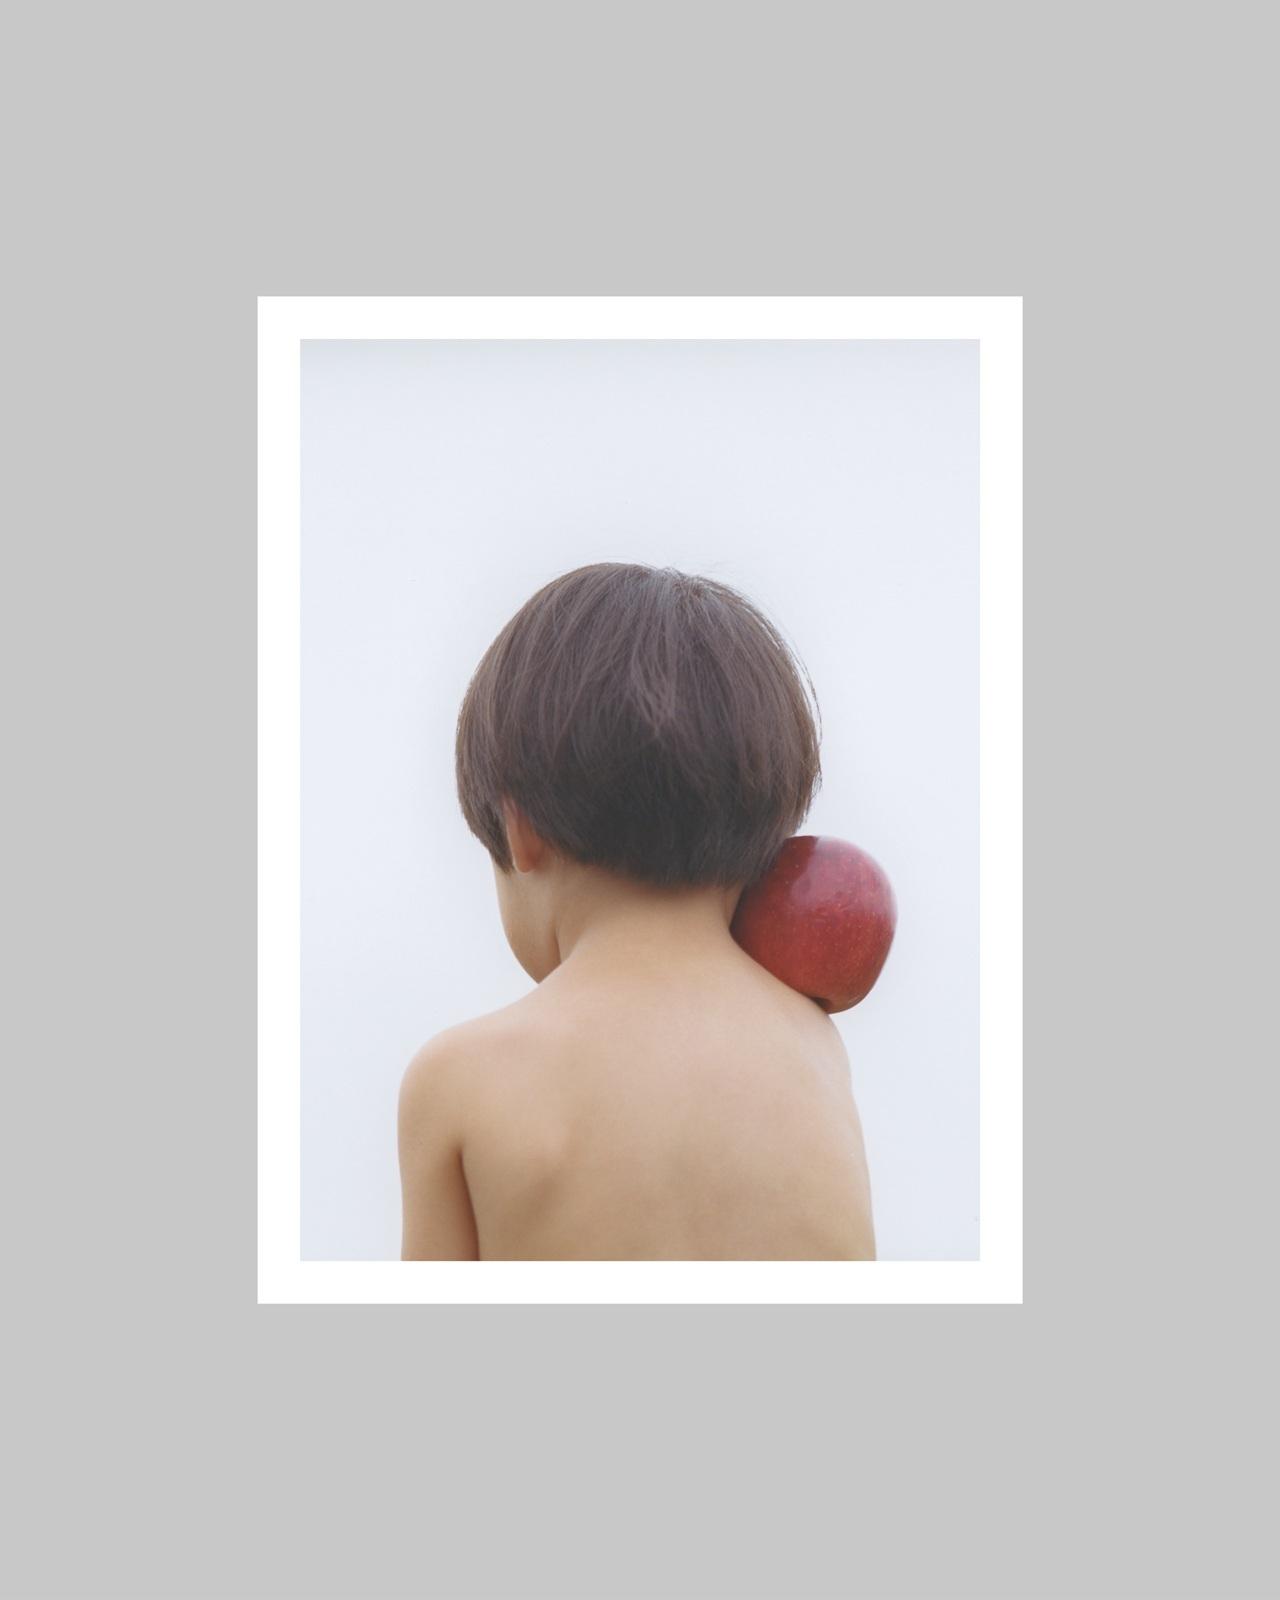 LM-Osamu-Yokonami-Primal-03.jpg